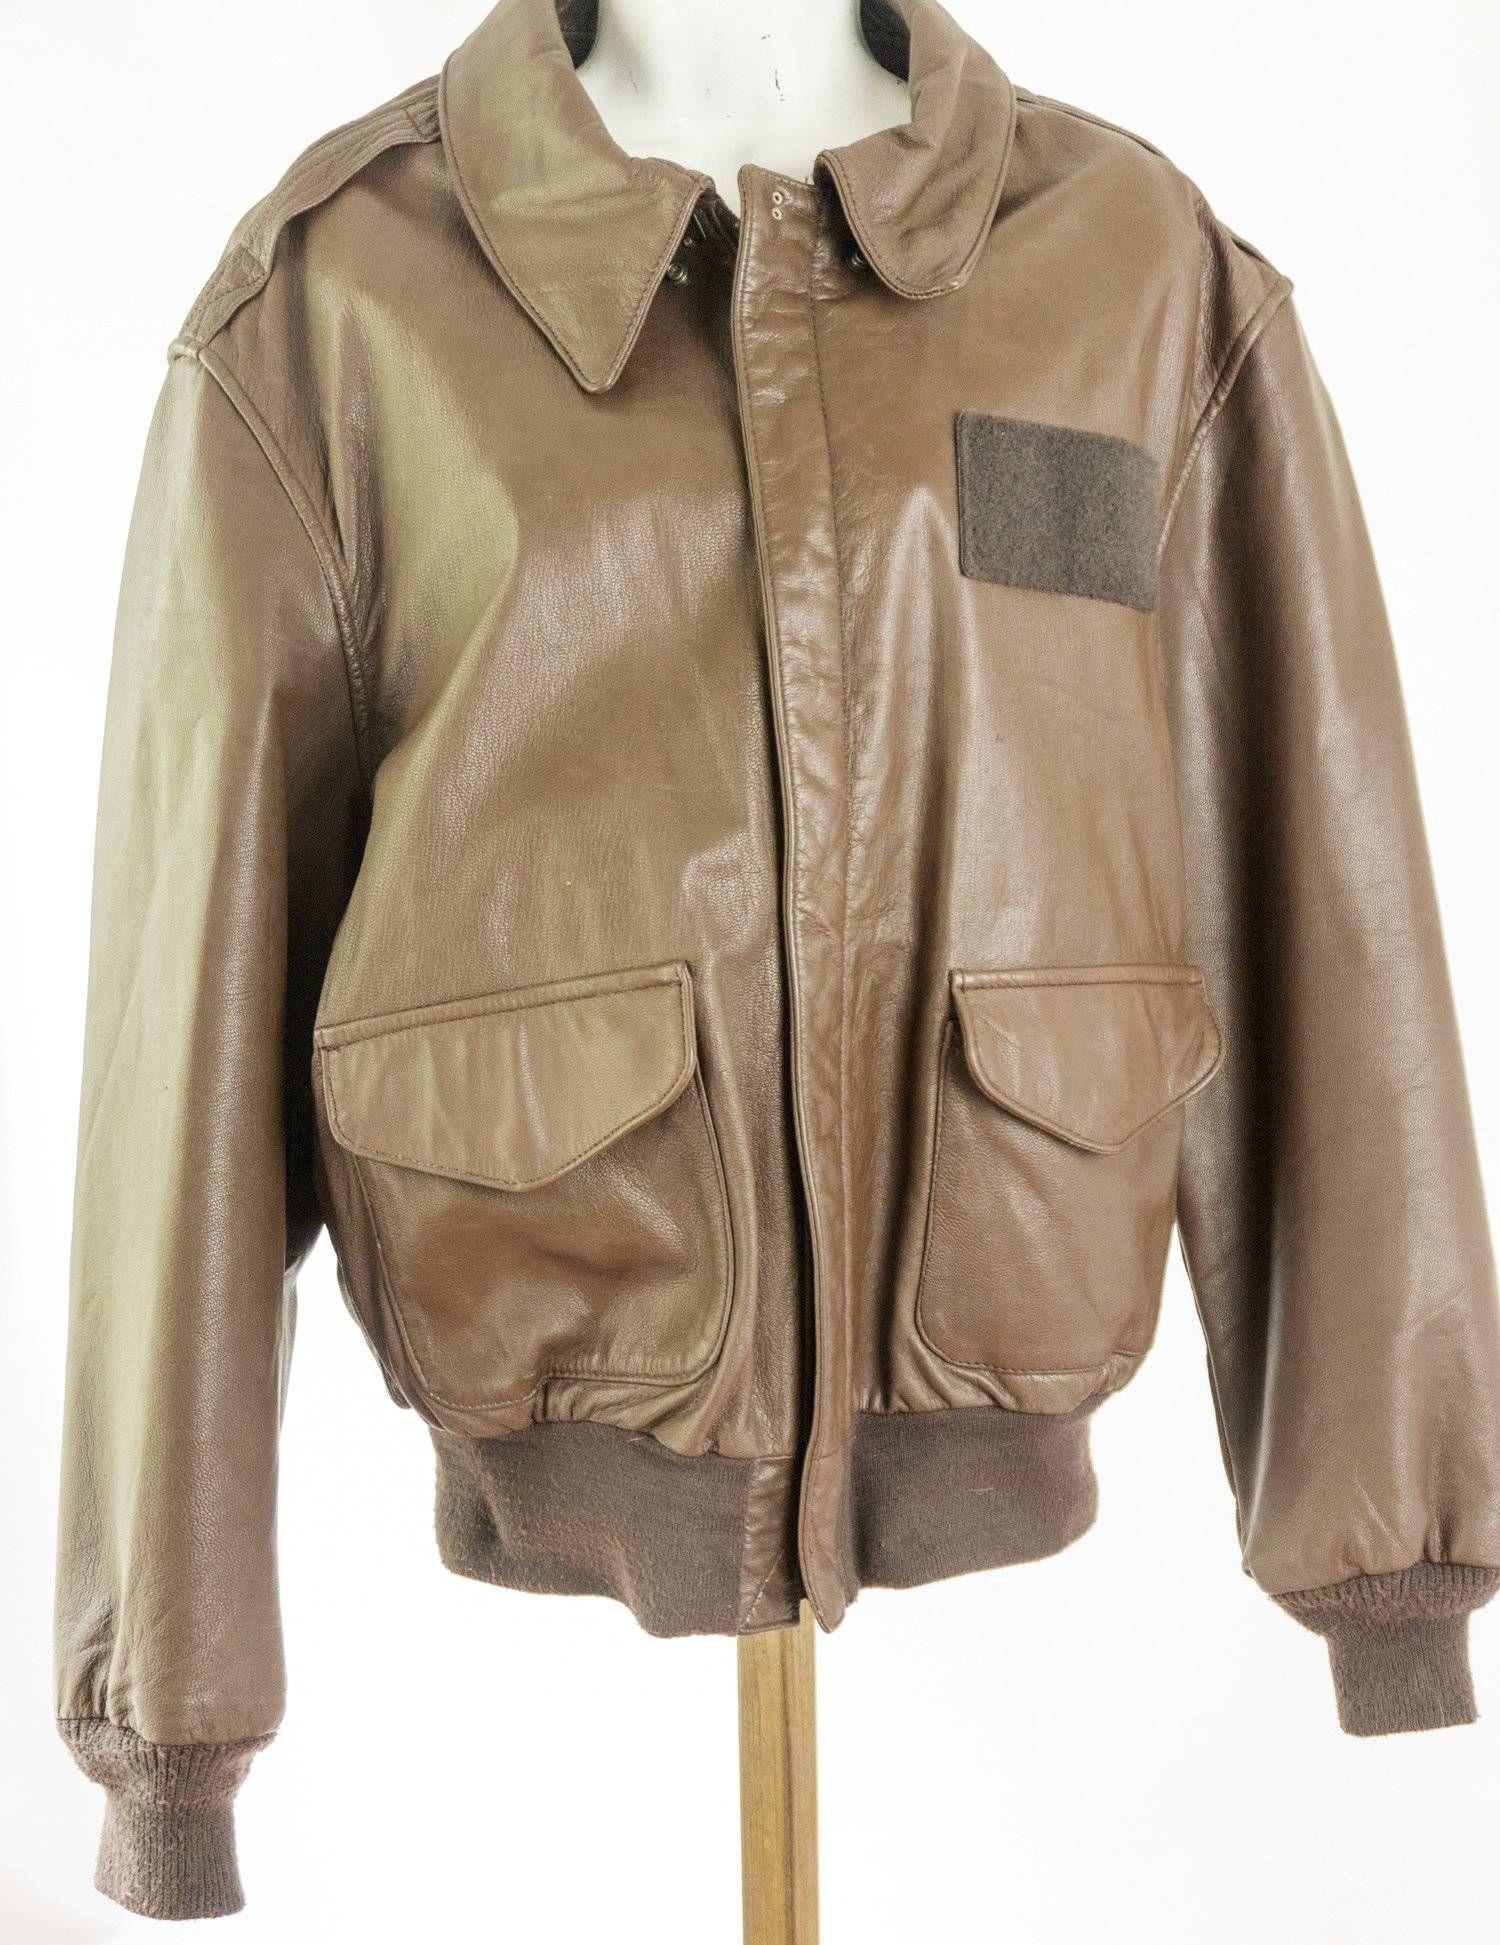 Cooper Flight Jacket Bomber Brown Leather Vintage